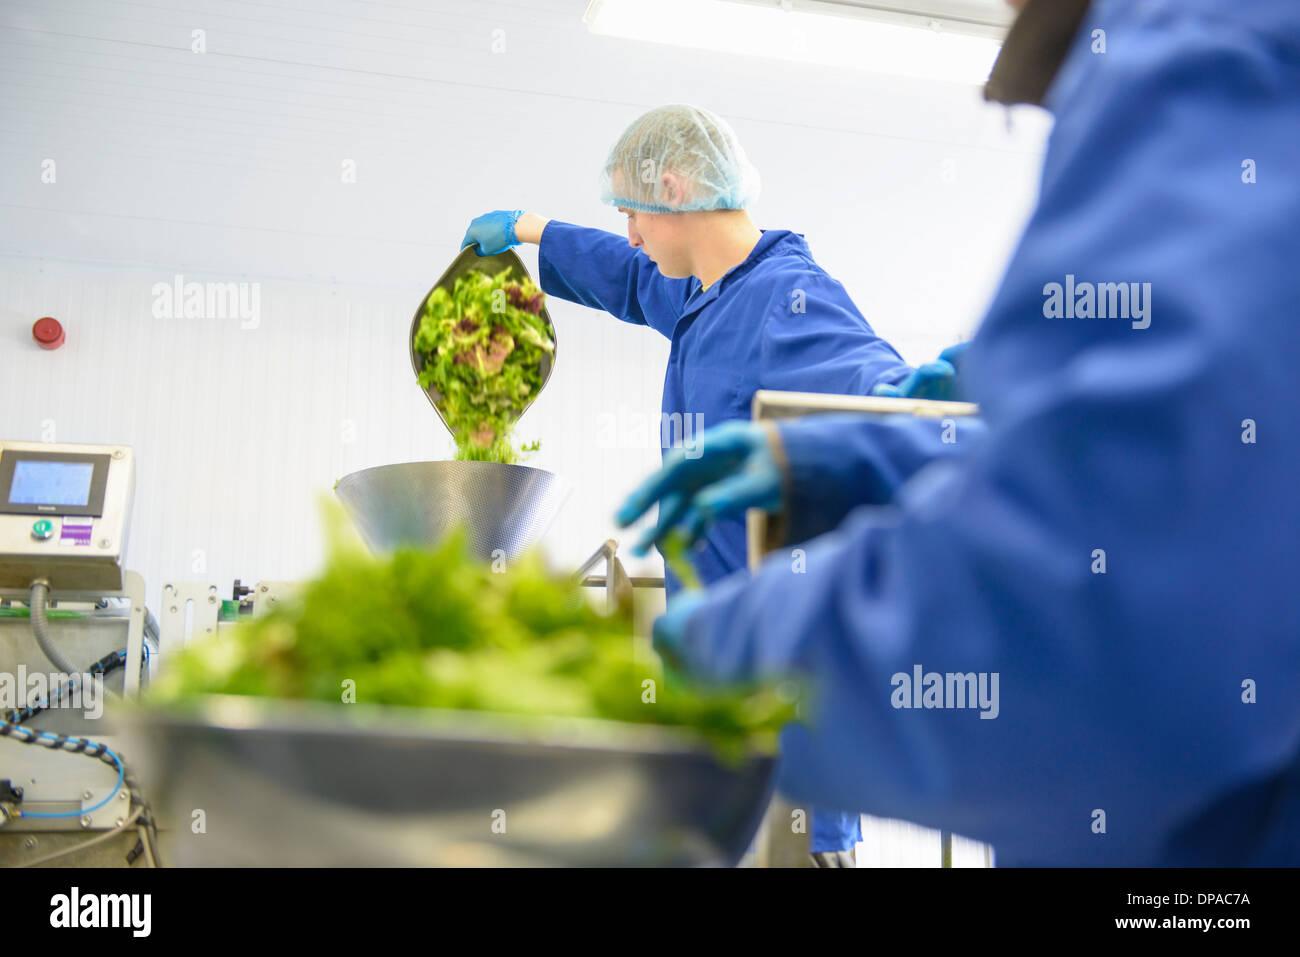 Los trabajadores de pesaje hojas de ensalada mixta Imagen De Stock